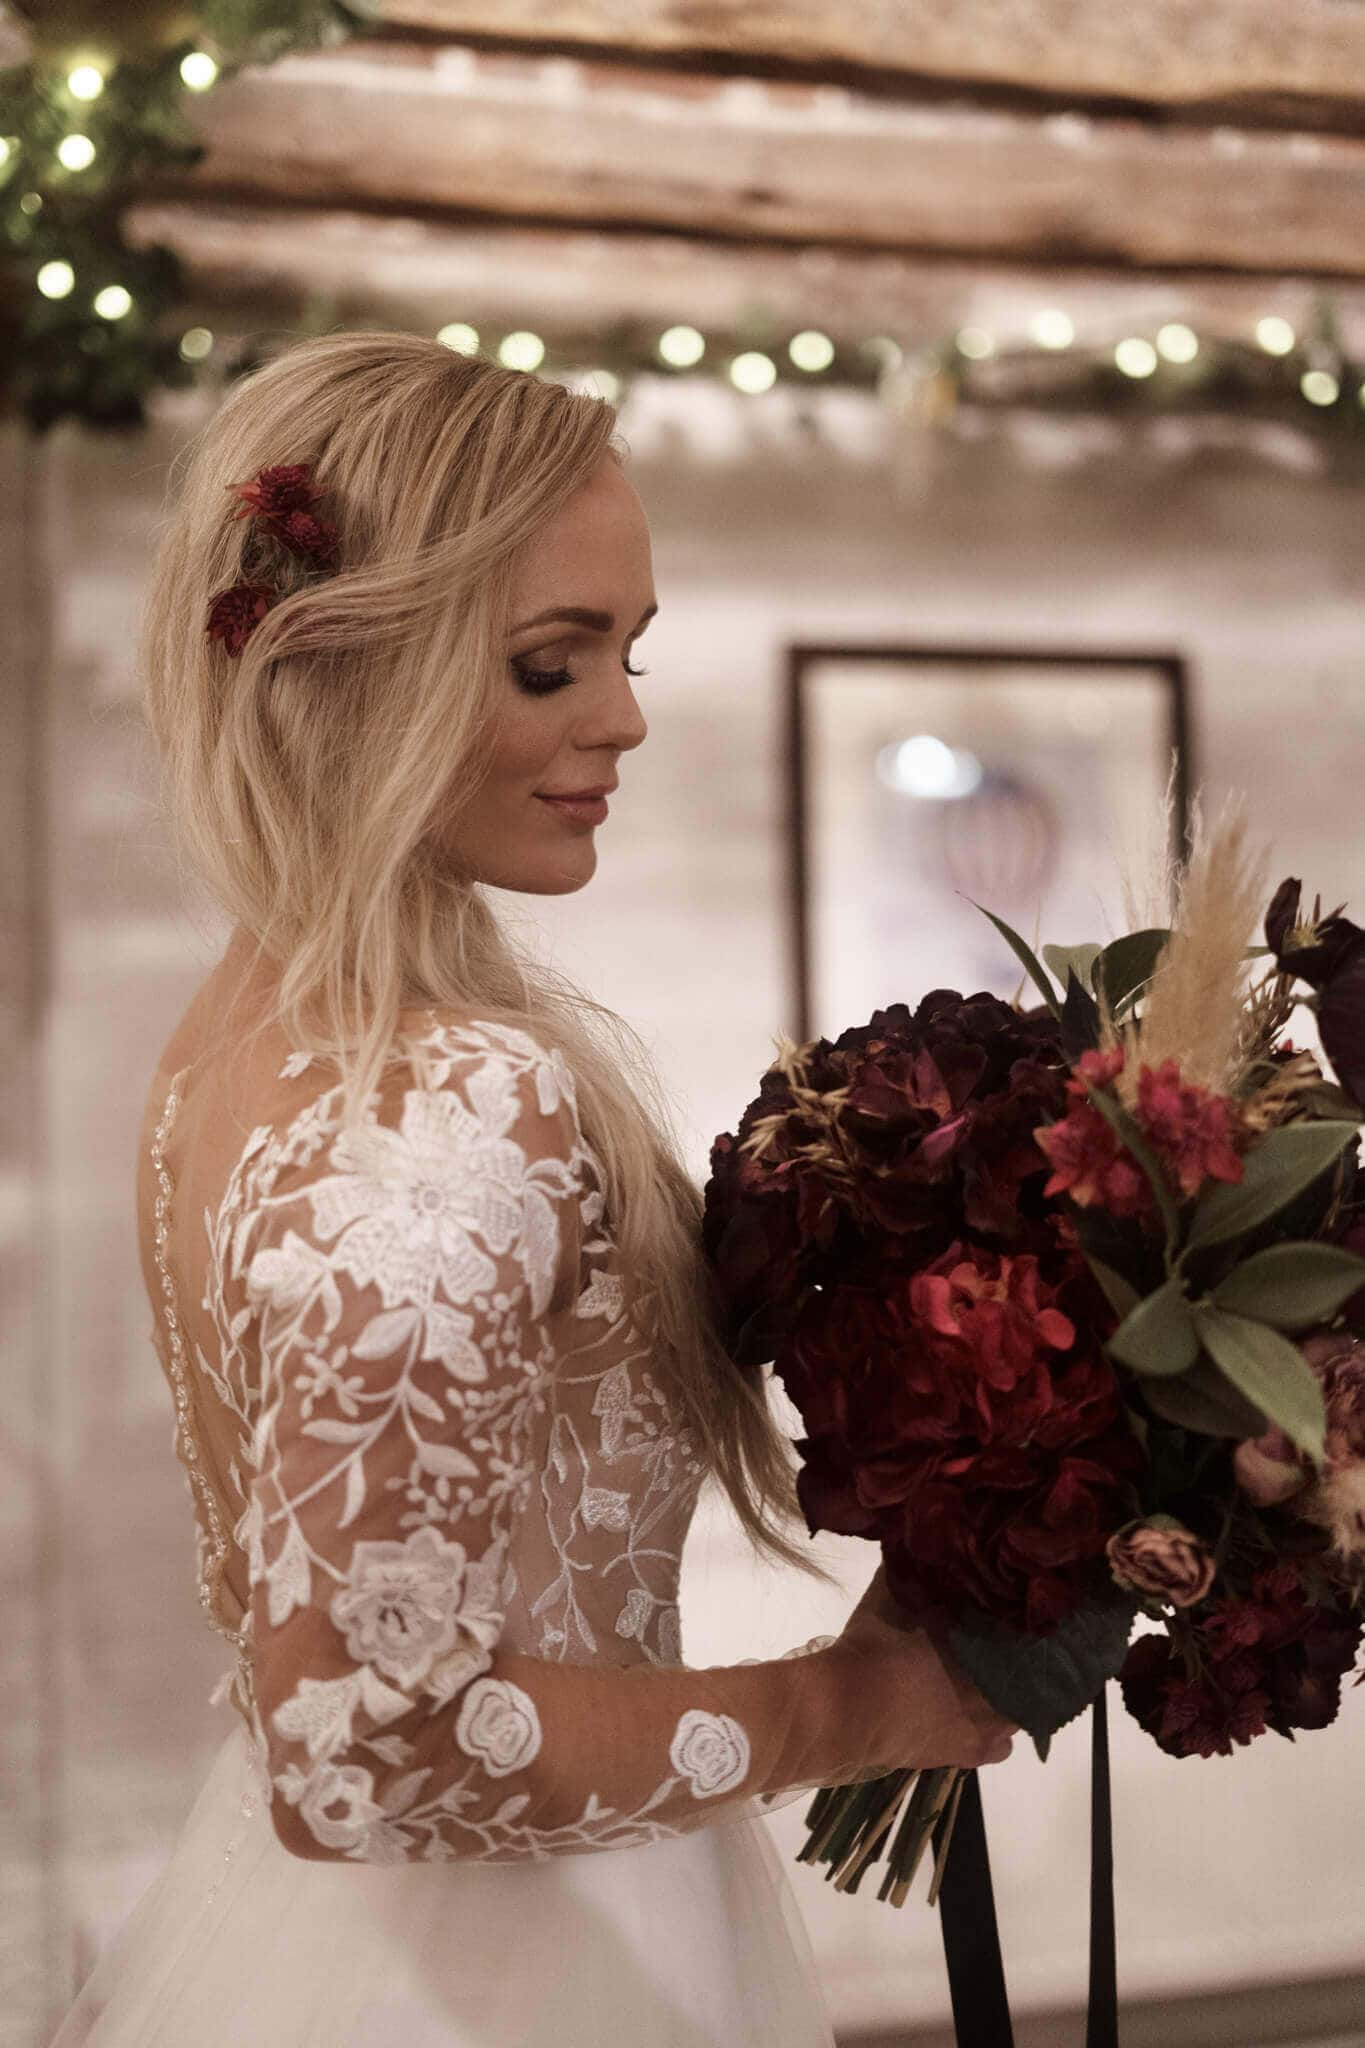 lace wedding dress boho wedding dress wedding dress shop near me bridal shop near me 2 3